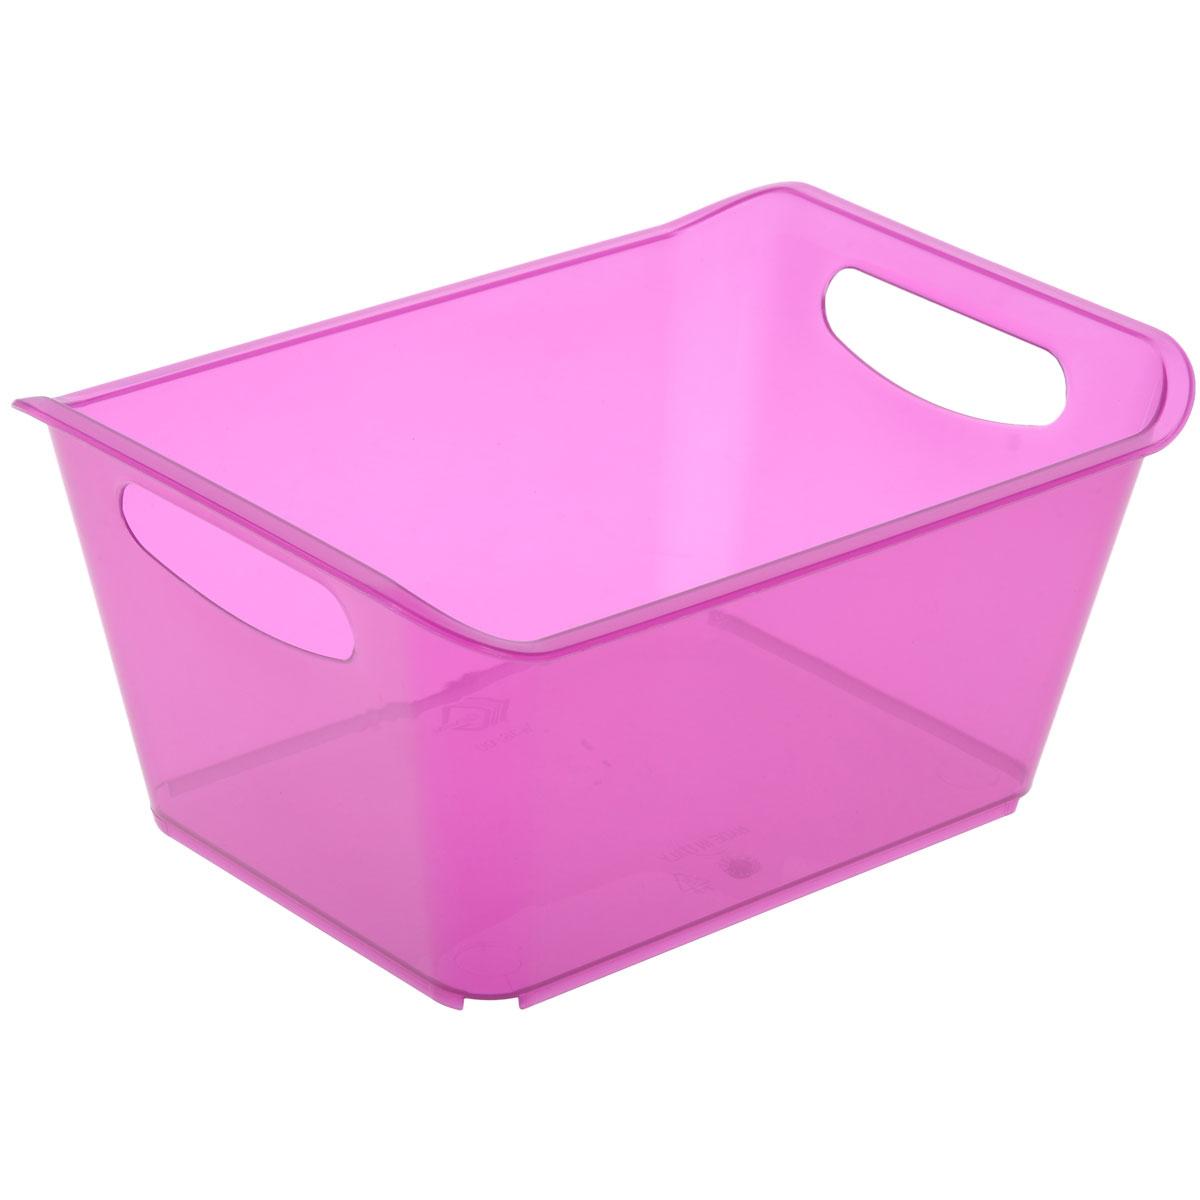 Контейнер Gensini, цвет: сиреневый, 1,5 л3330Контейнер Gensini выполнен из прочного пластика. Он предназначен для хранения различных мелких вещей в ванной, на кухне, даче или гараже, исключая возможность их потери. По бокам контейнера предусмотрены две удобные ручки для его переноски. Контейнер поможет хранить все в одном месте, а также защитить вещи от пыли, грязи и влаги. Объем: 1,5 л.